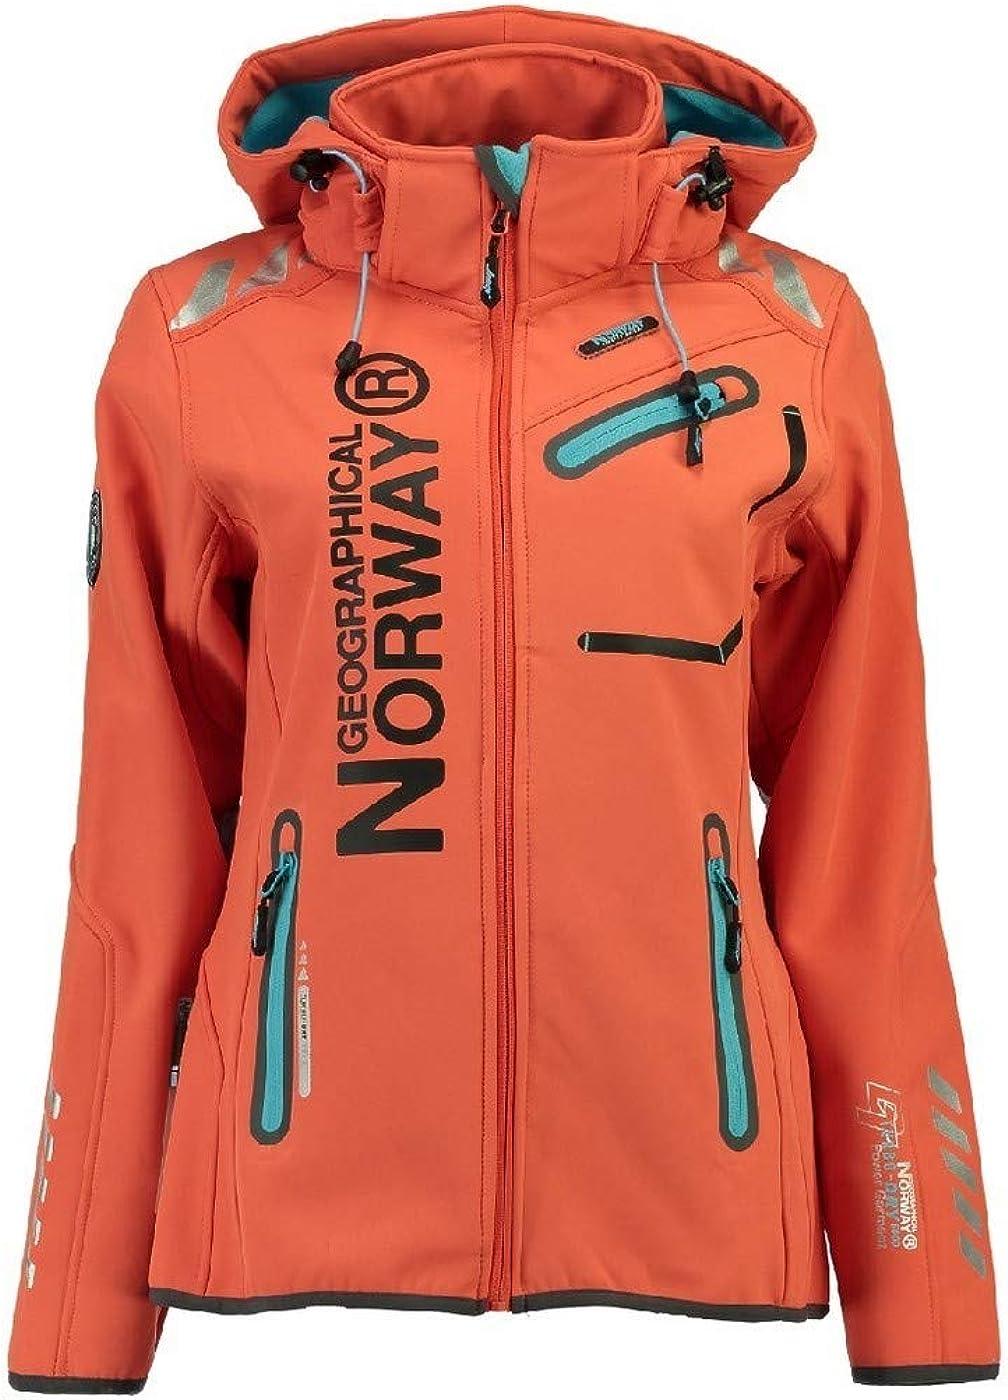 Geographical Norway - Chaqueta cortavientos impermeable multifunción para mujer, para el exterior